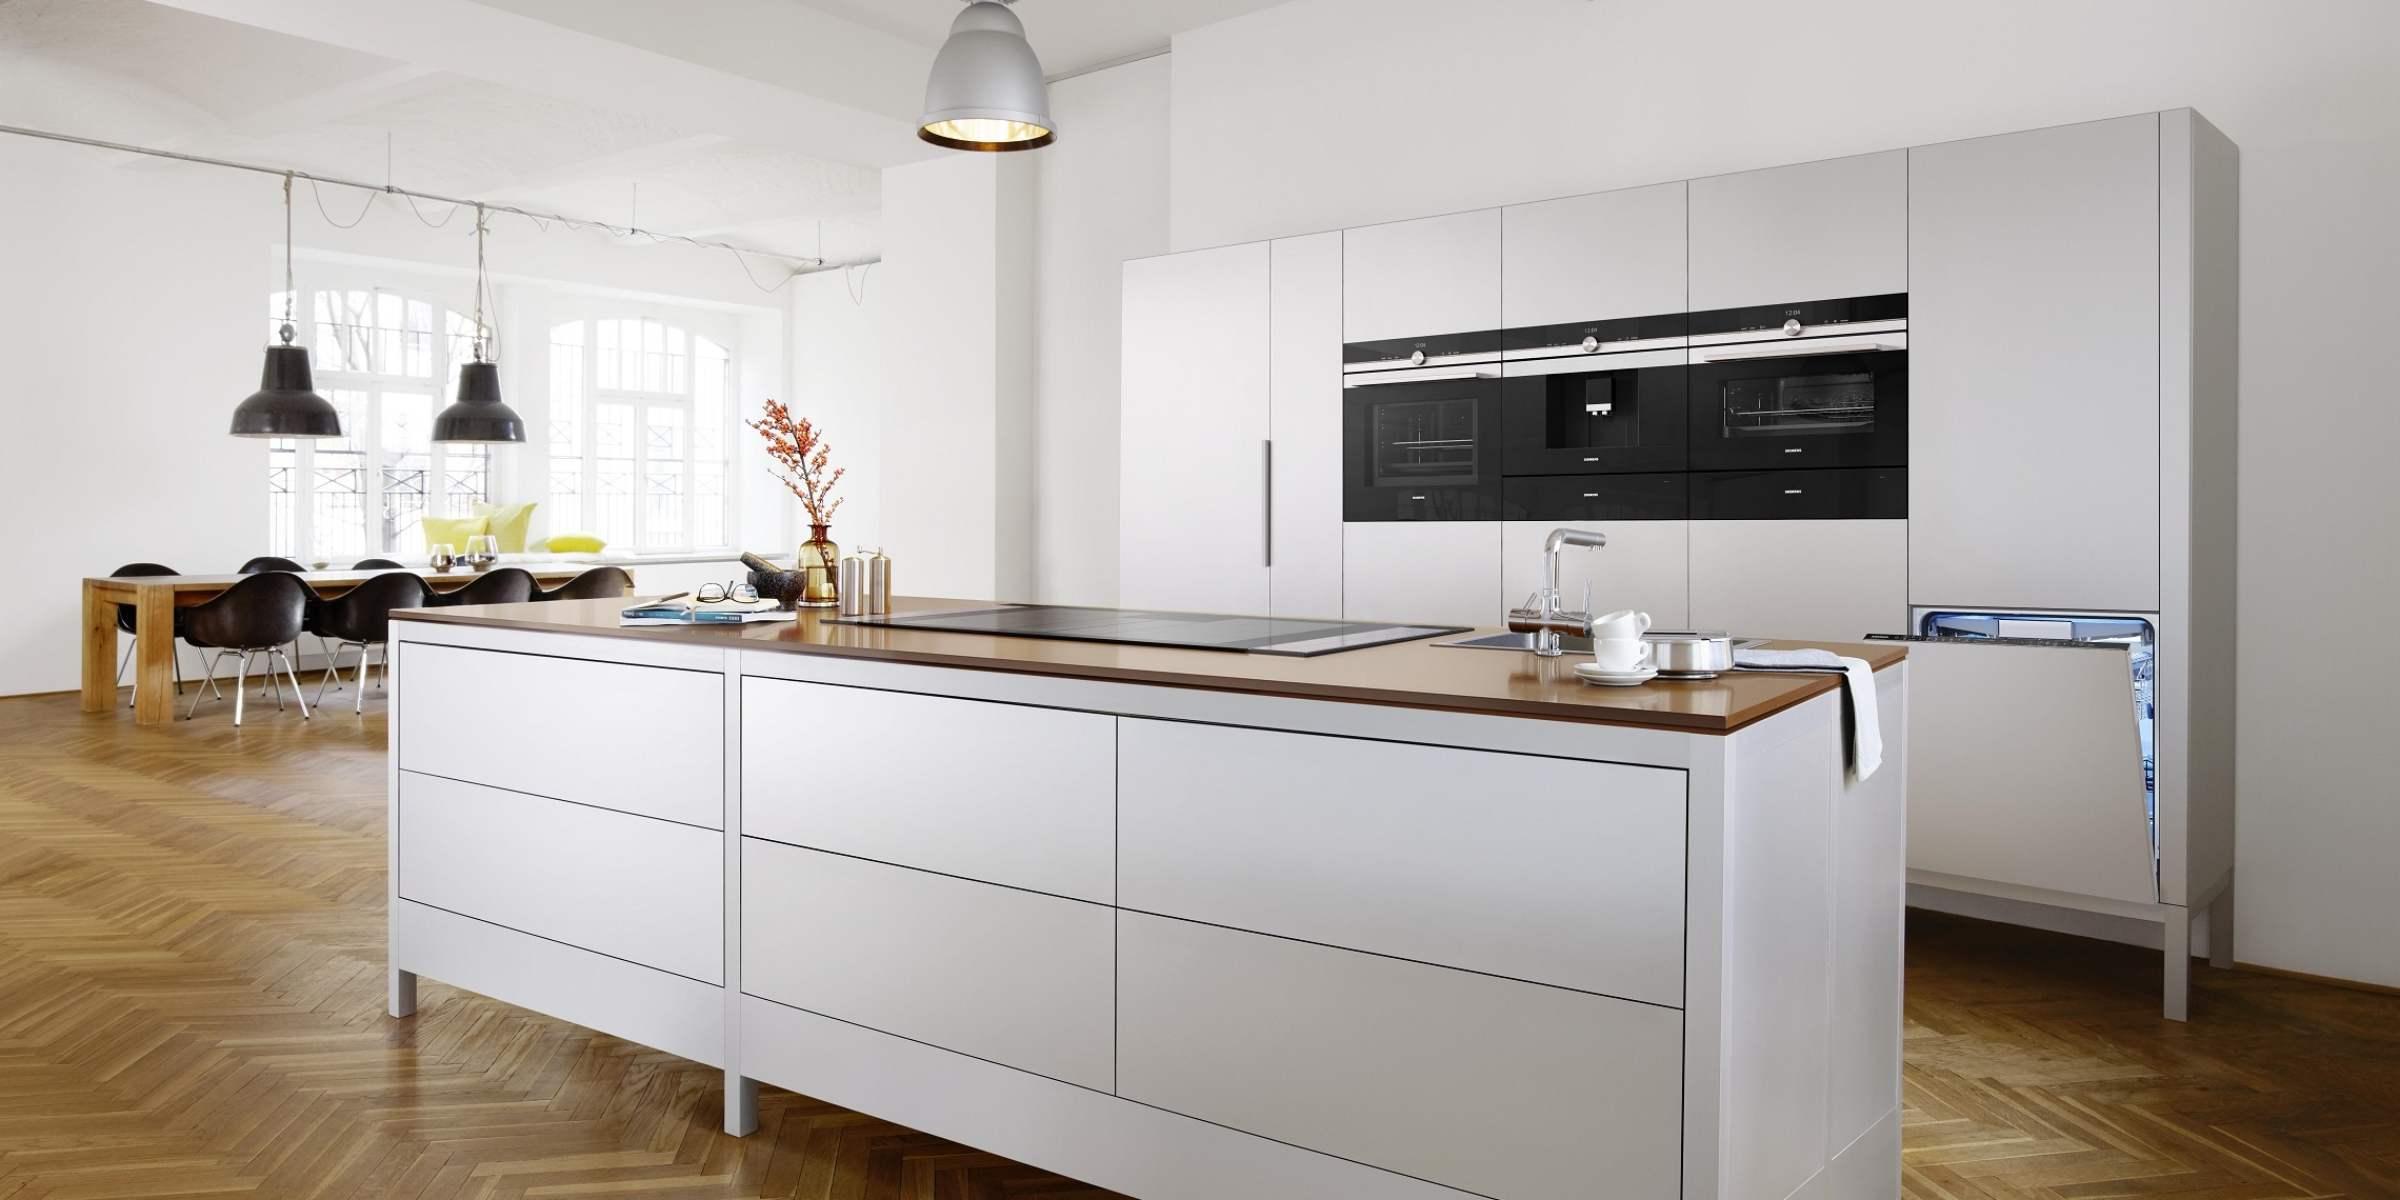 Siemens Kitchen Appliances  COD Kitchen Appliances